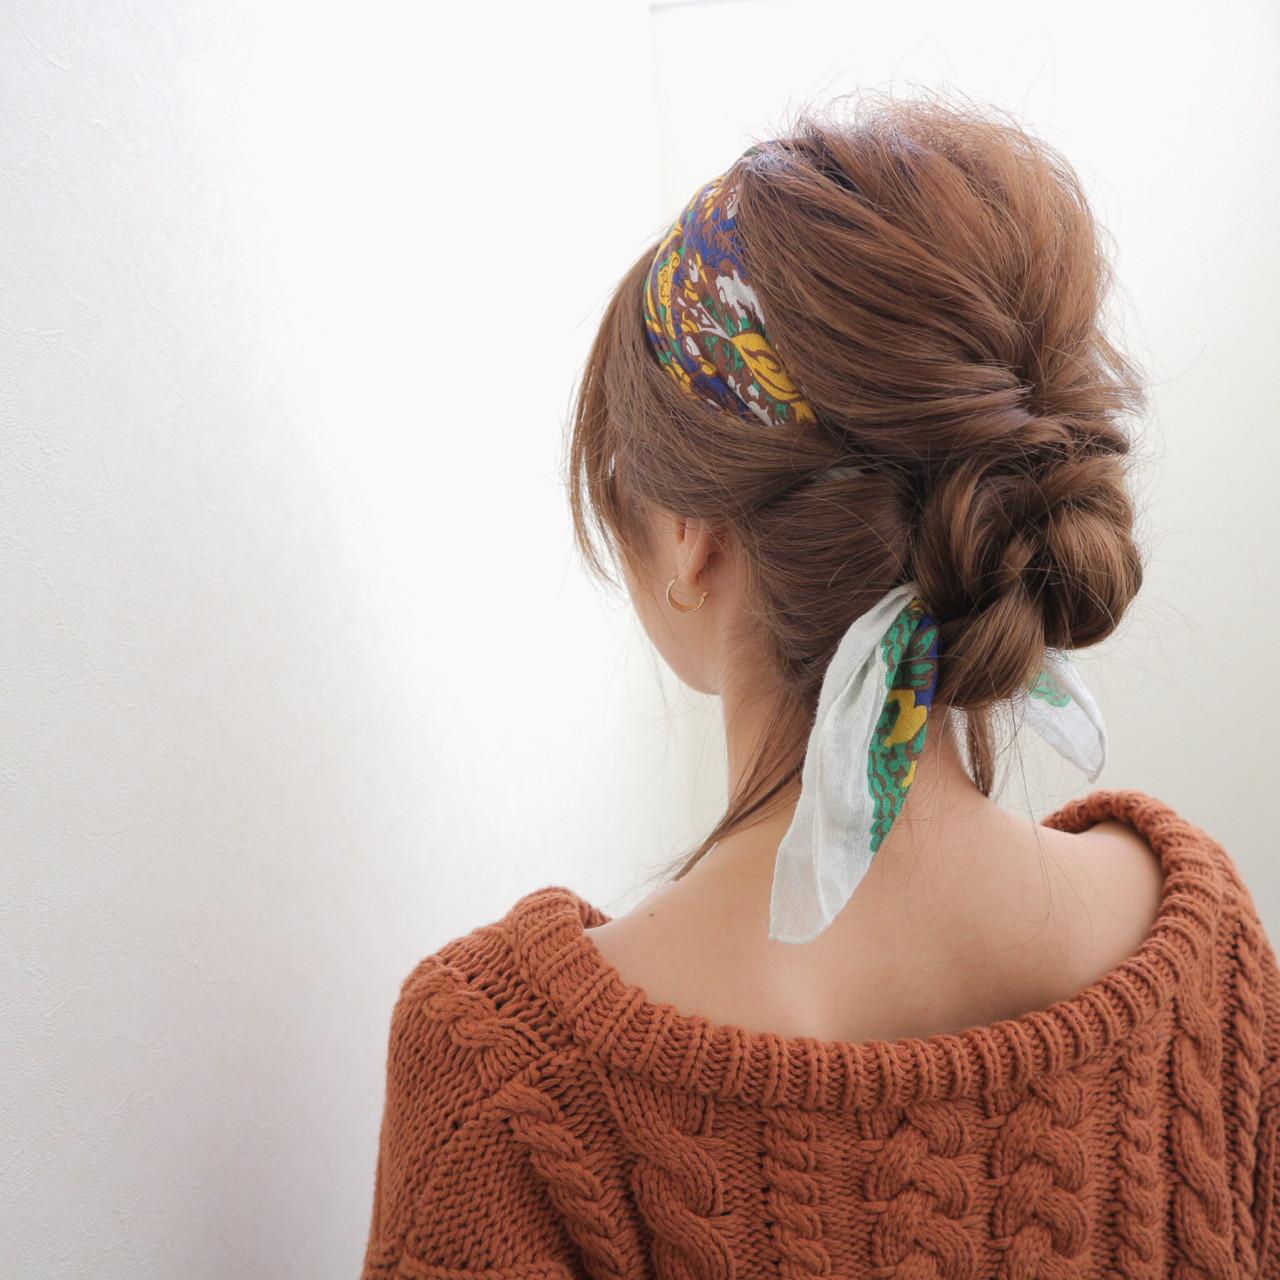 ショート 大人女子 ヘアアレンジ バンダナ ヘアスタイルや髪型の写真・画像